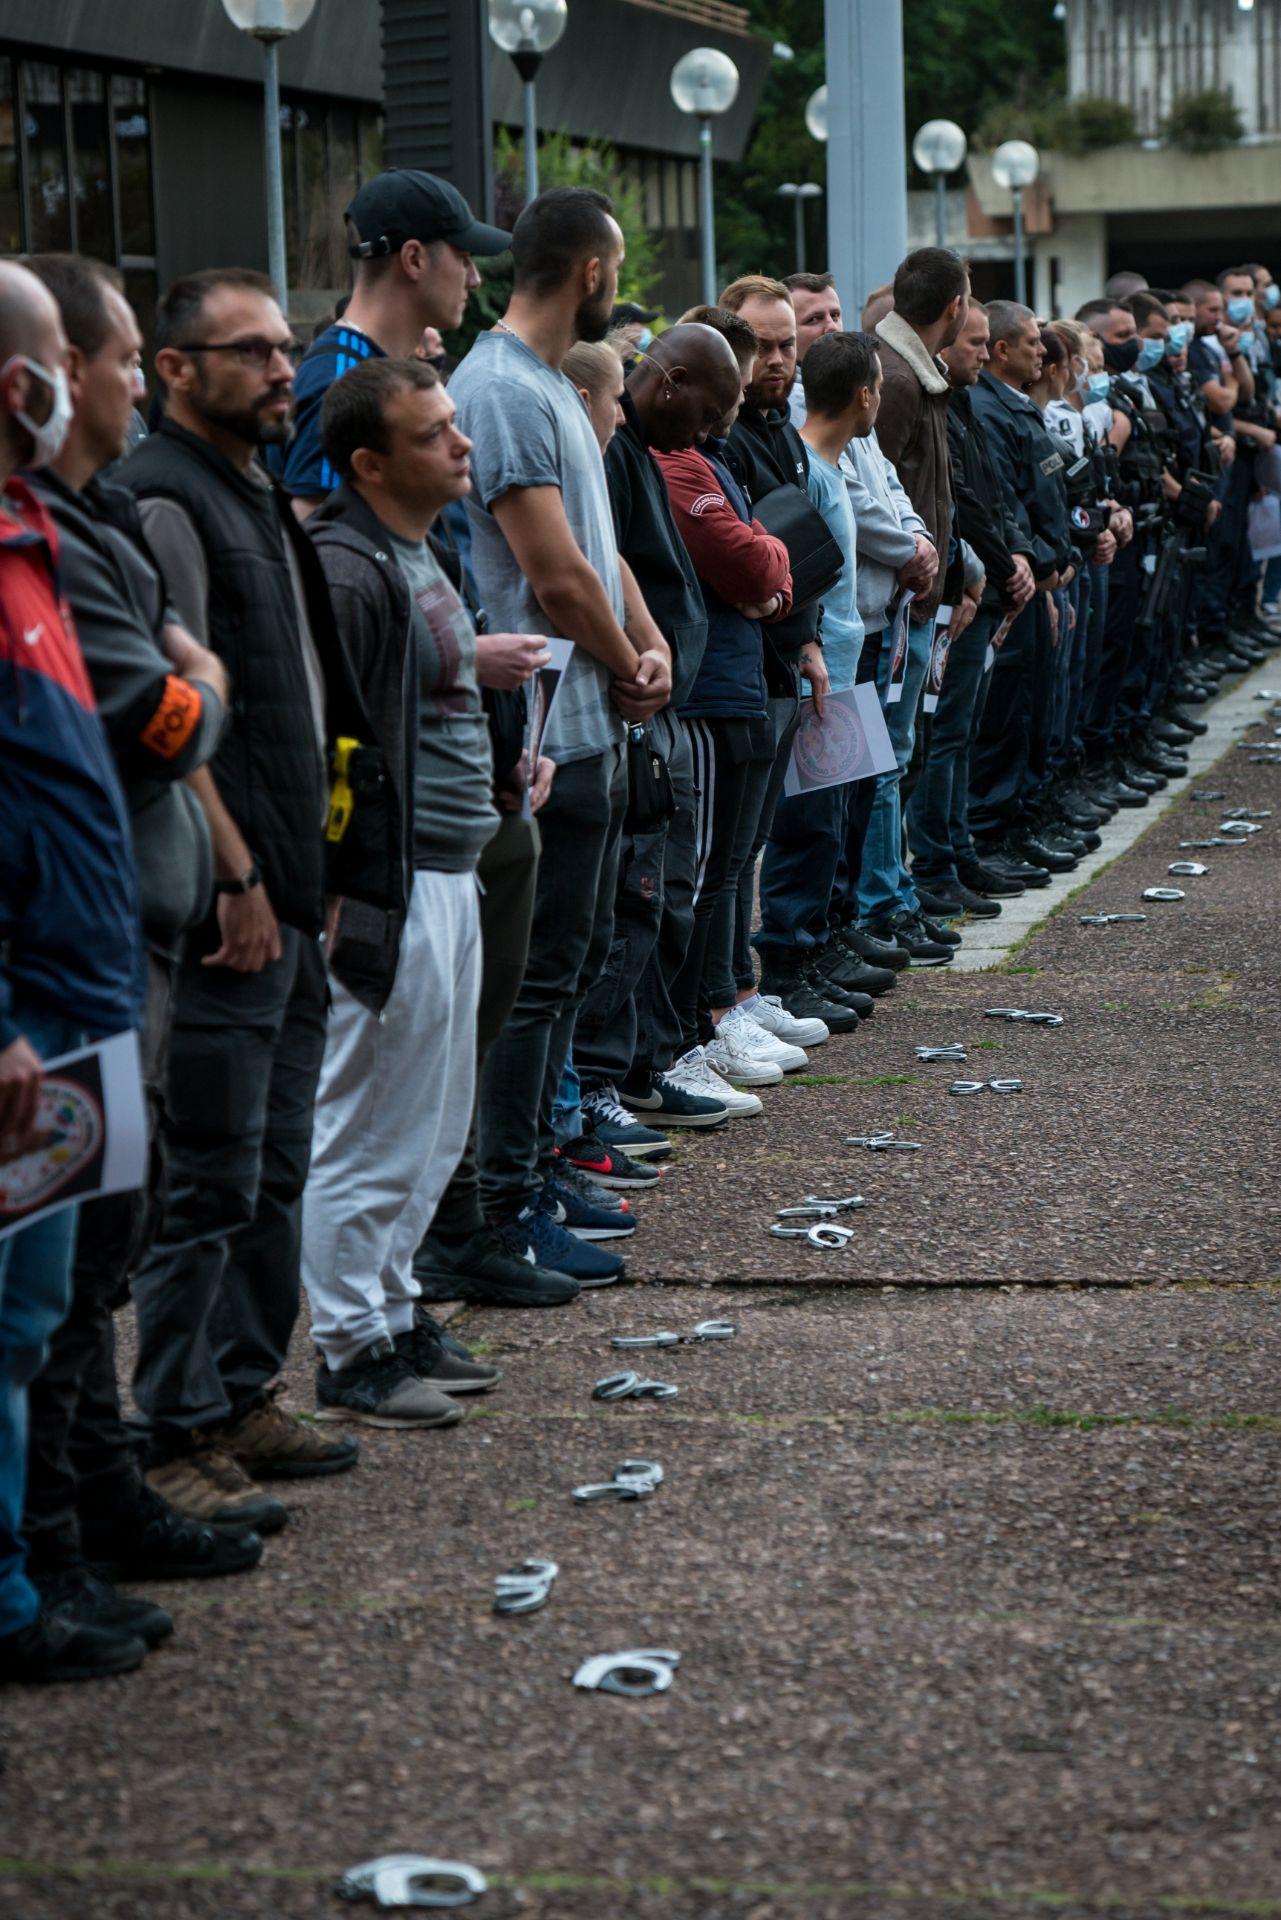 Rassemblement de policiers devant la préfecture de Bobigny (Seine-Saint-Denis), pour exprimer leur colère contre les déclarations du ministre de l'Intérieur un peu plus tôt, 11 juin 2020. © Gabrielle Cezard/Hans Lucas/AFP